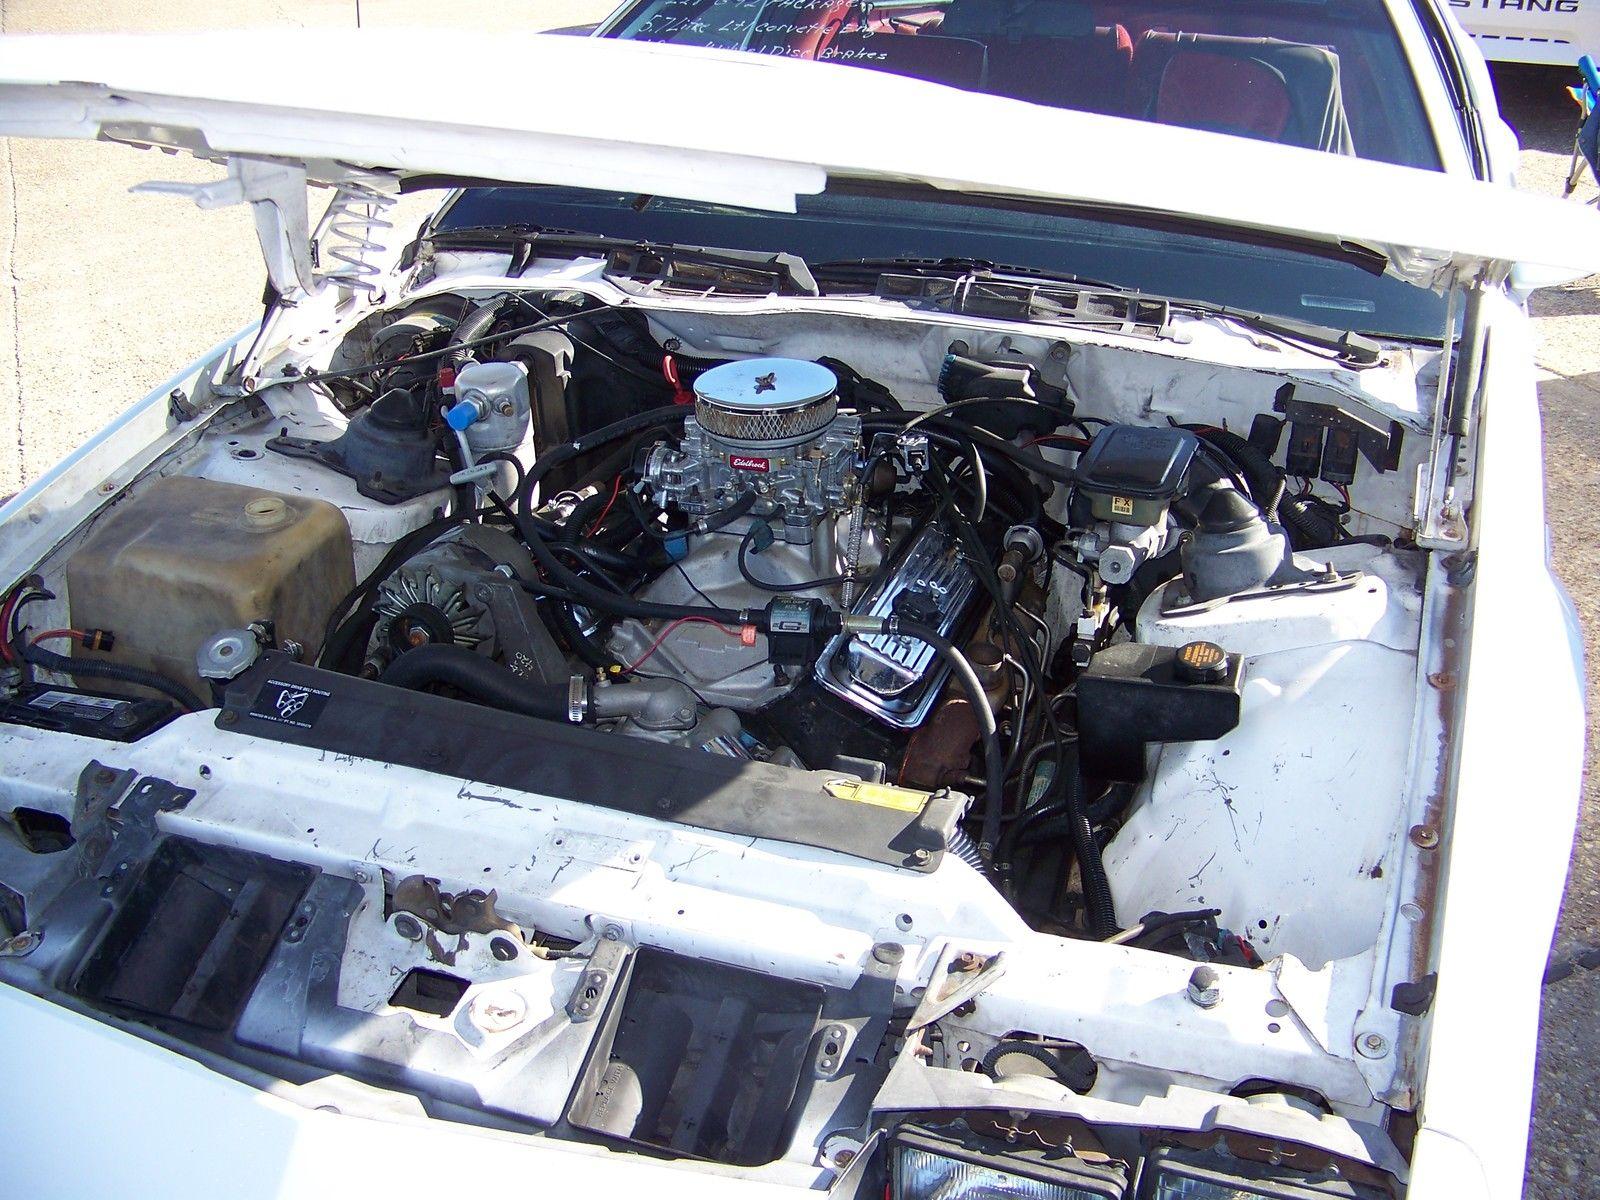 1992 Chevy Z28 G92 Package Camaro Lt1 350 Corvette Eng 700